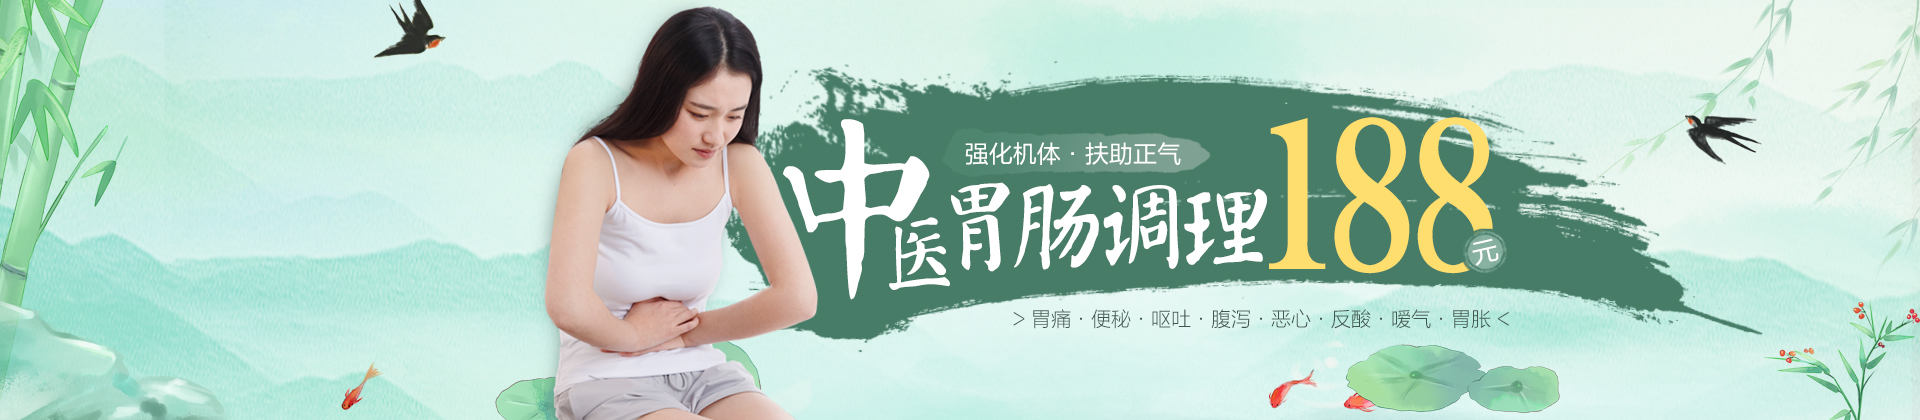 188元中医胃肠调理 调治胃痛